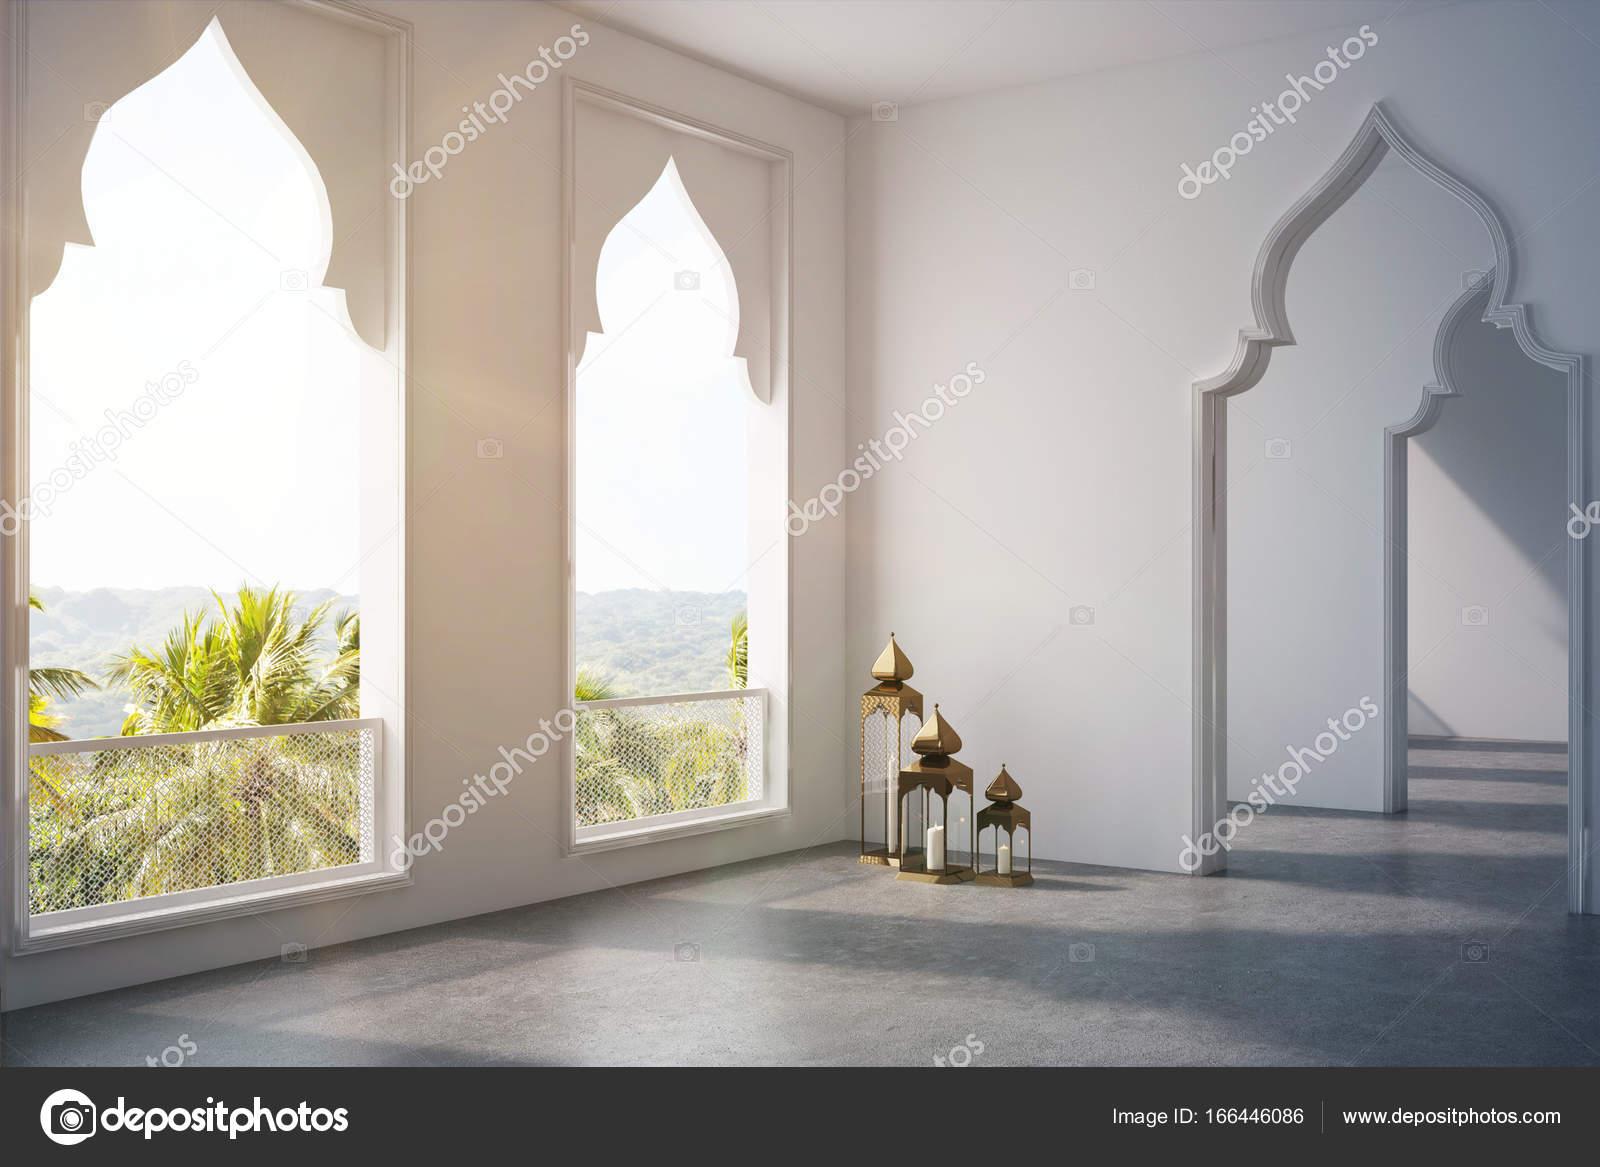 Salle vide portes de style arabe fen tre c t tonifi e photographie denisismagilov 166446086 for Cote fenetre standard